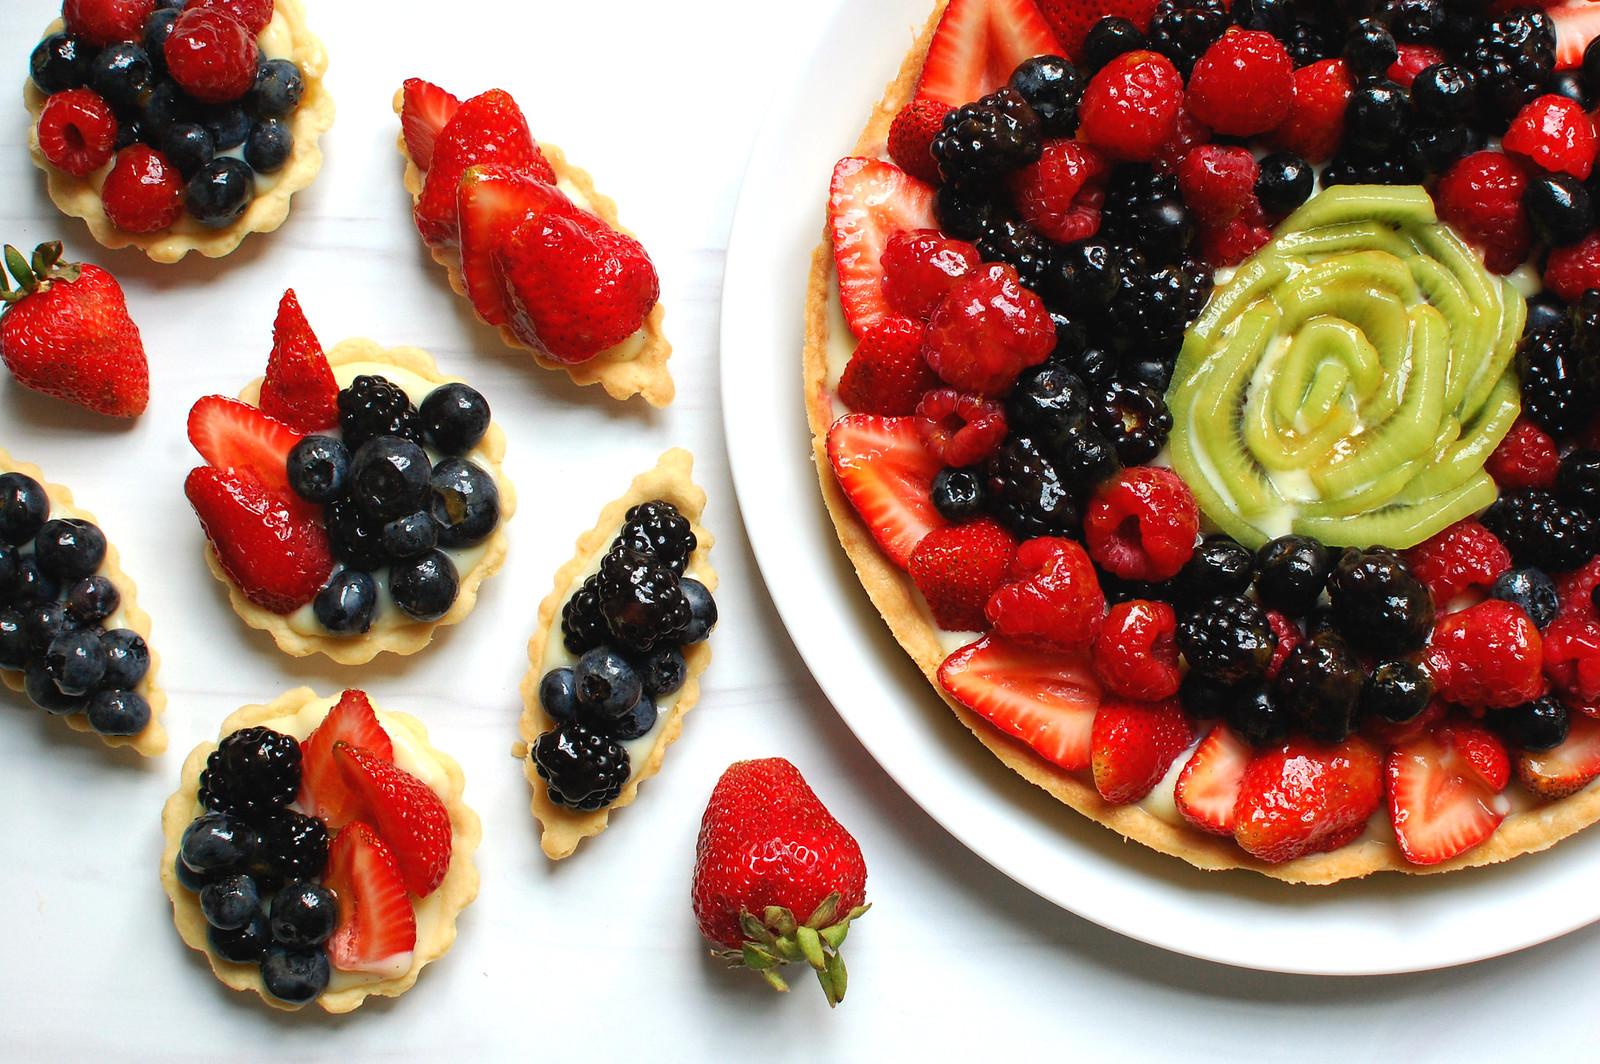 French Fruit Tart Recipe whole and mini tart